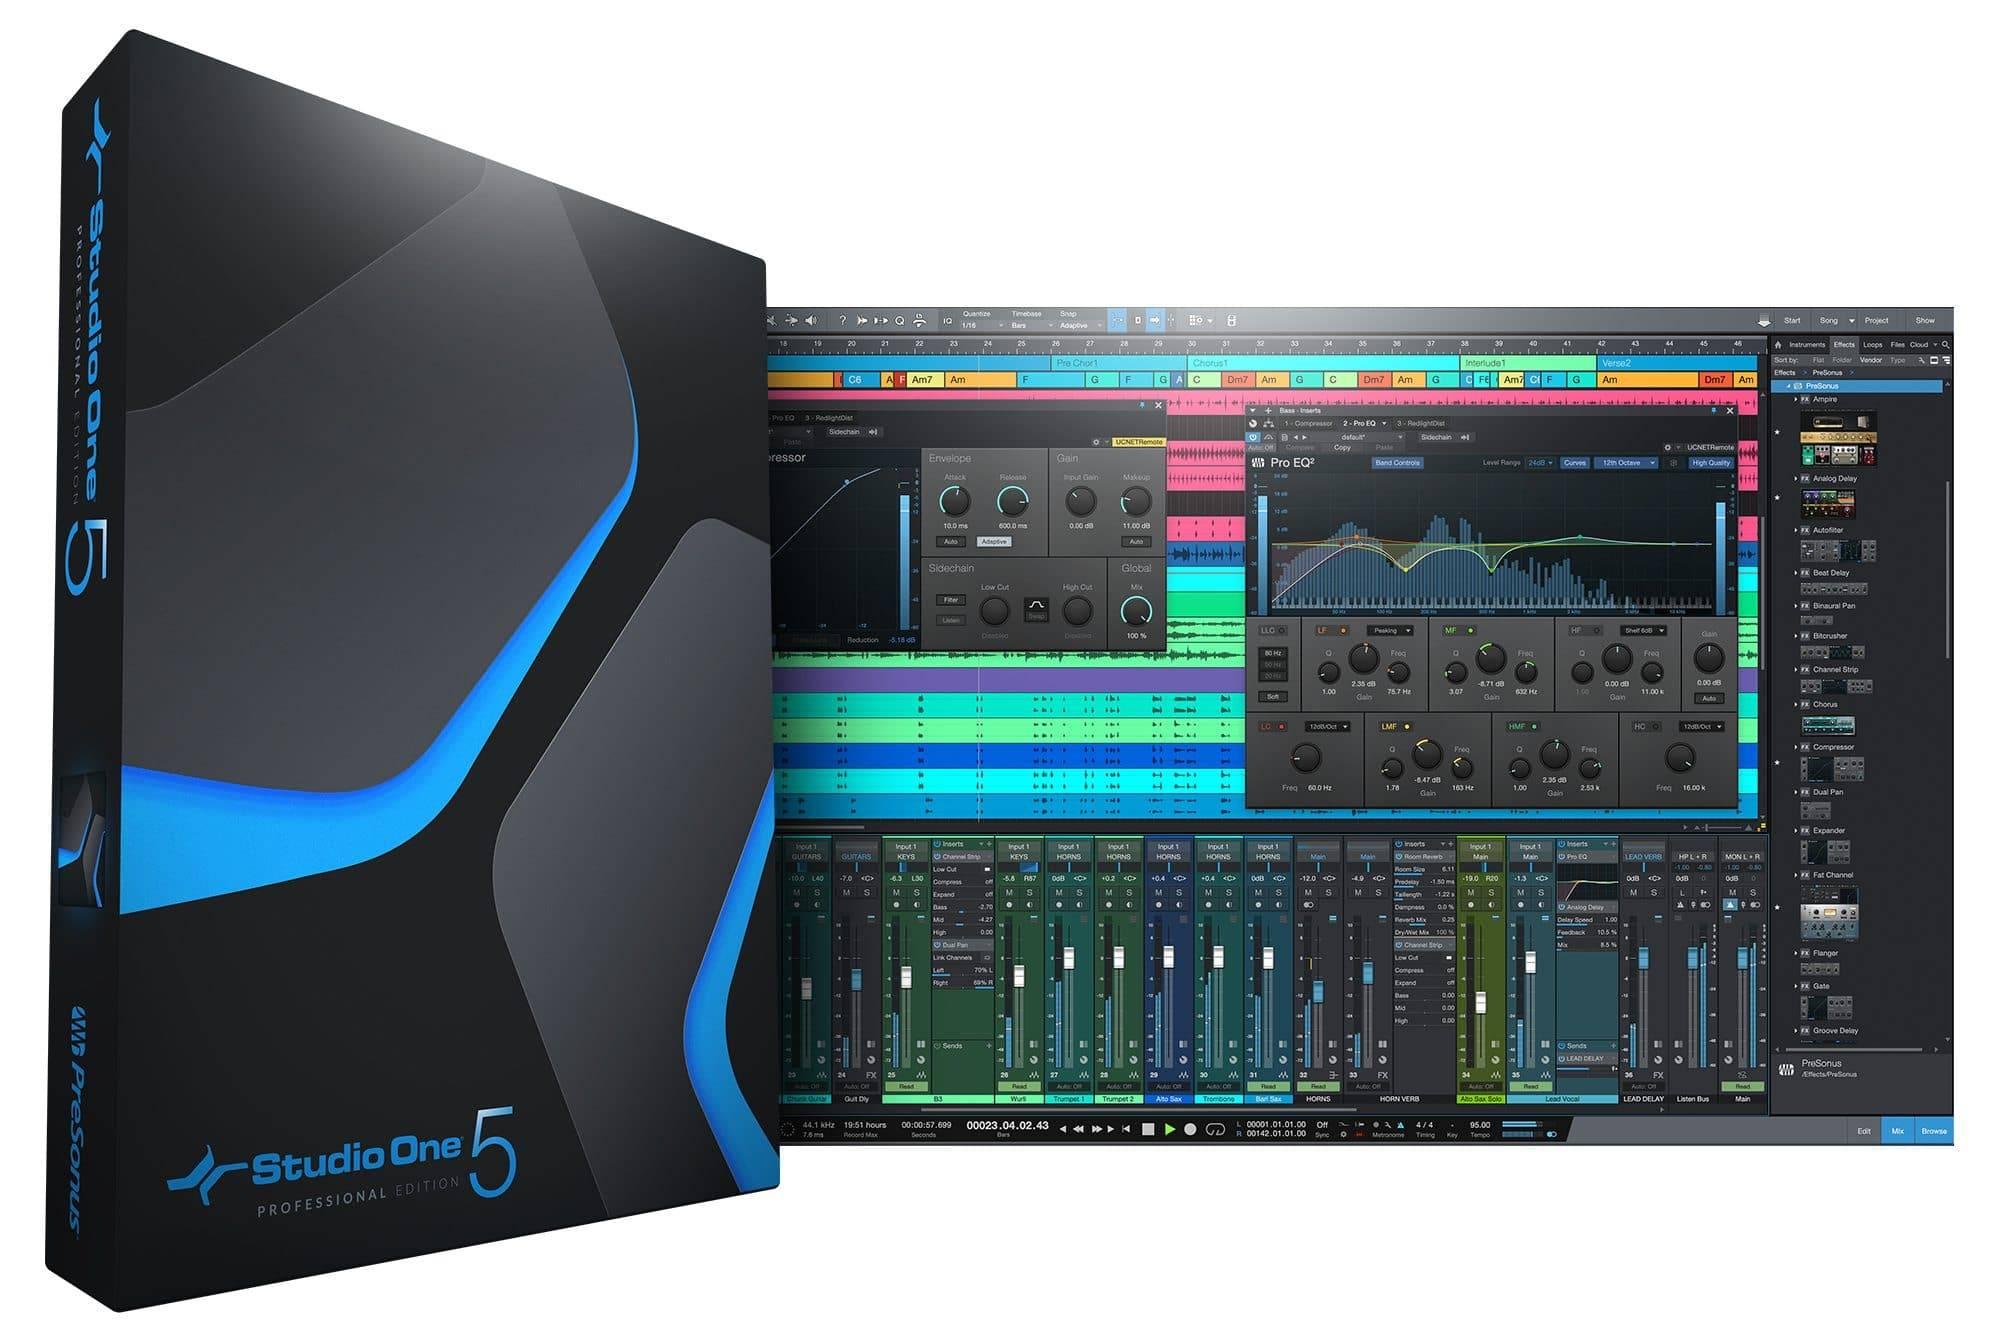 Presonus Releases Studio One 5